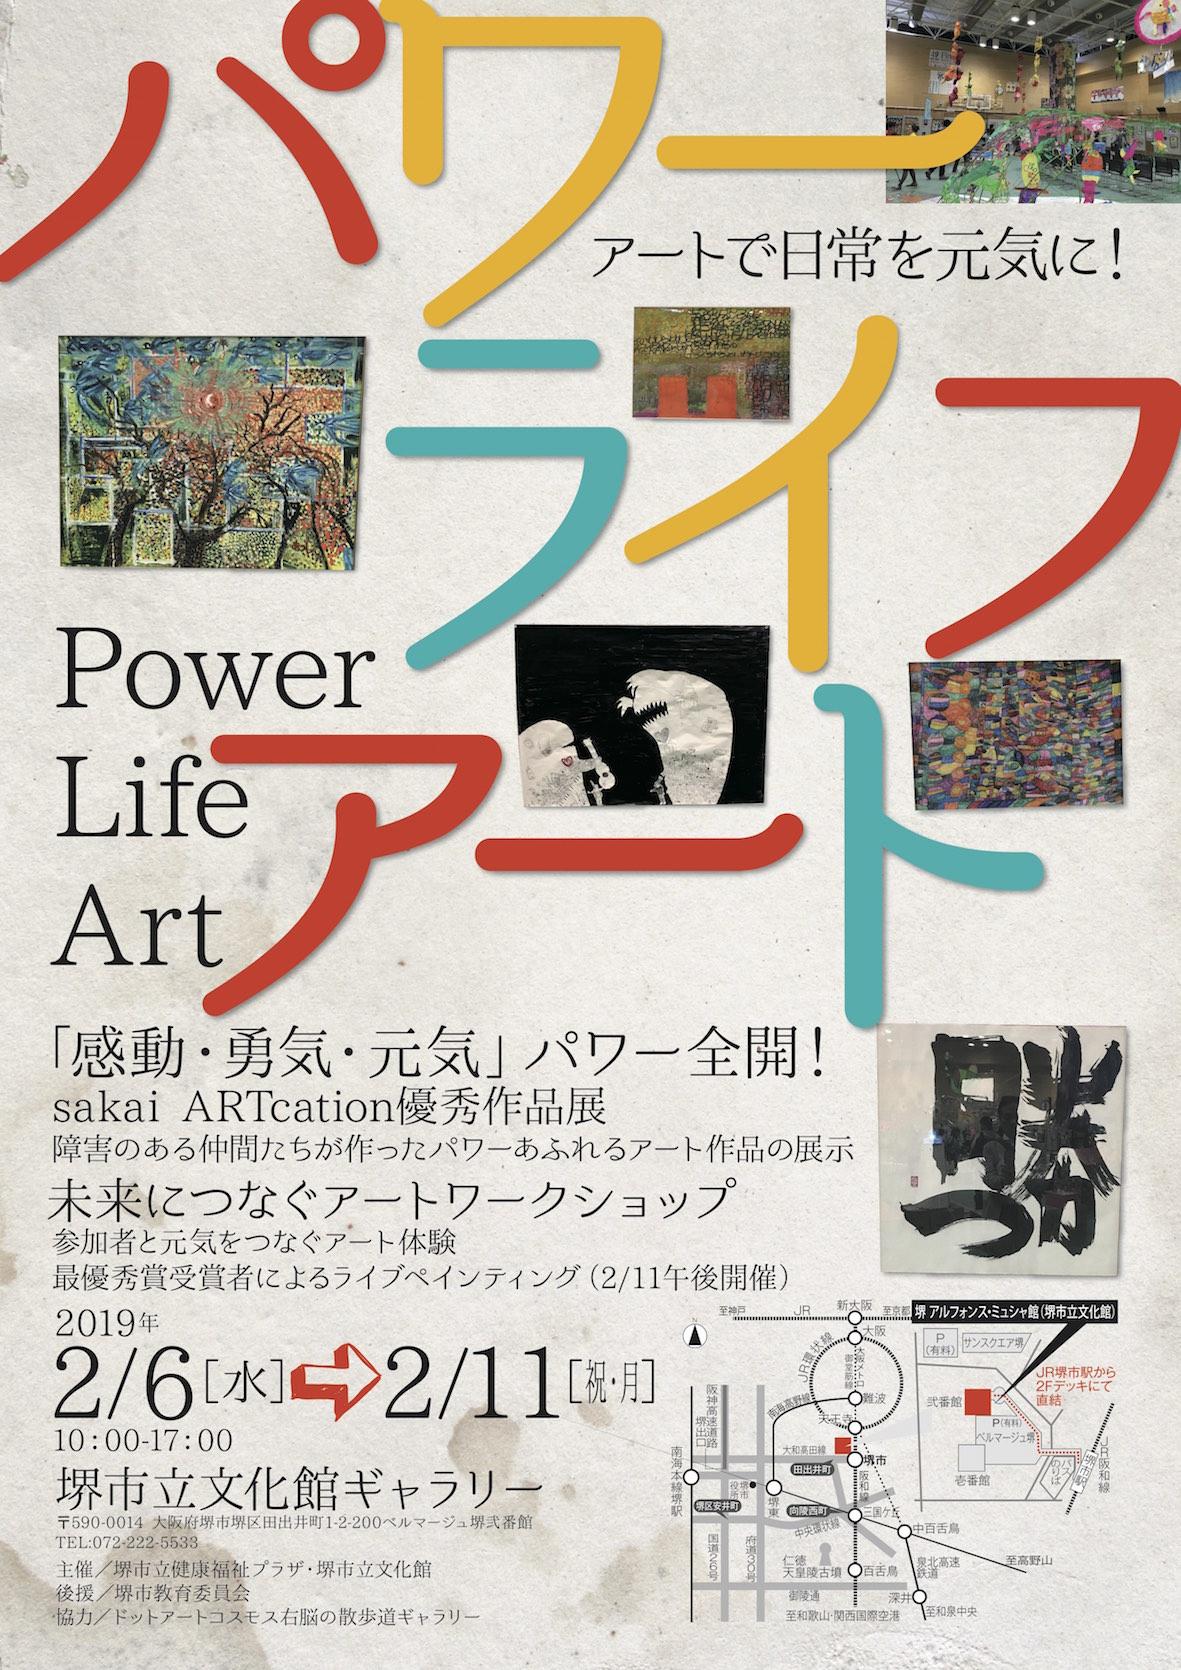 パワーライフアート(sakai ARTcation 優秀作品展)